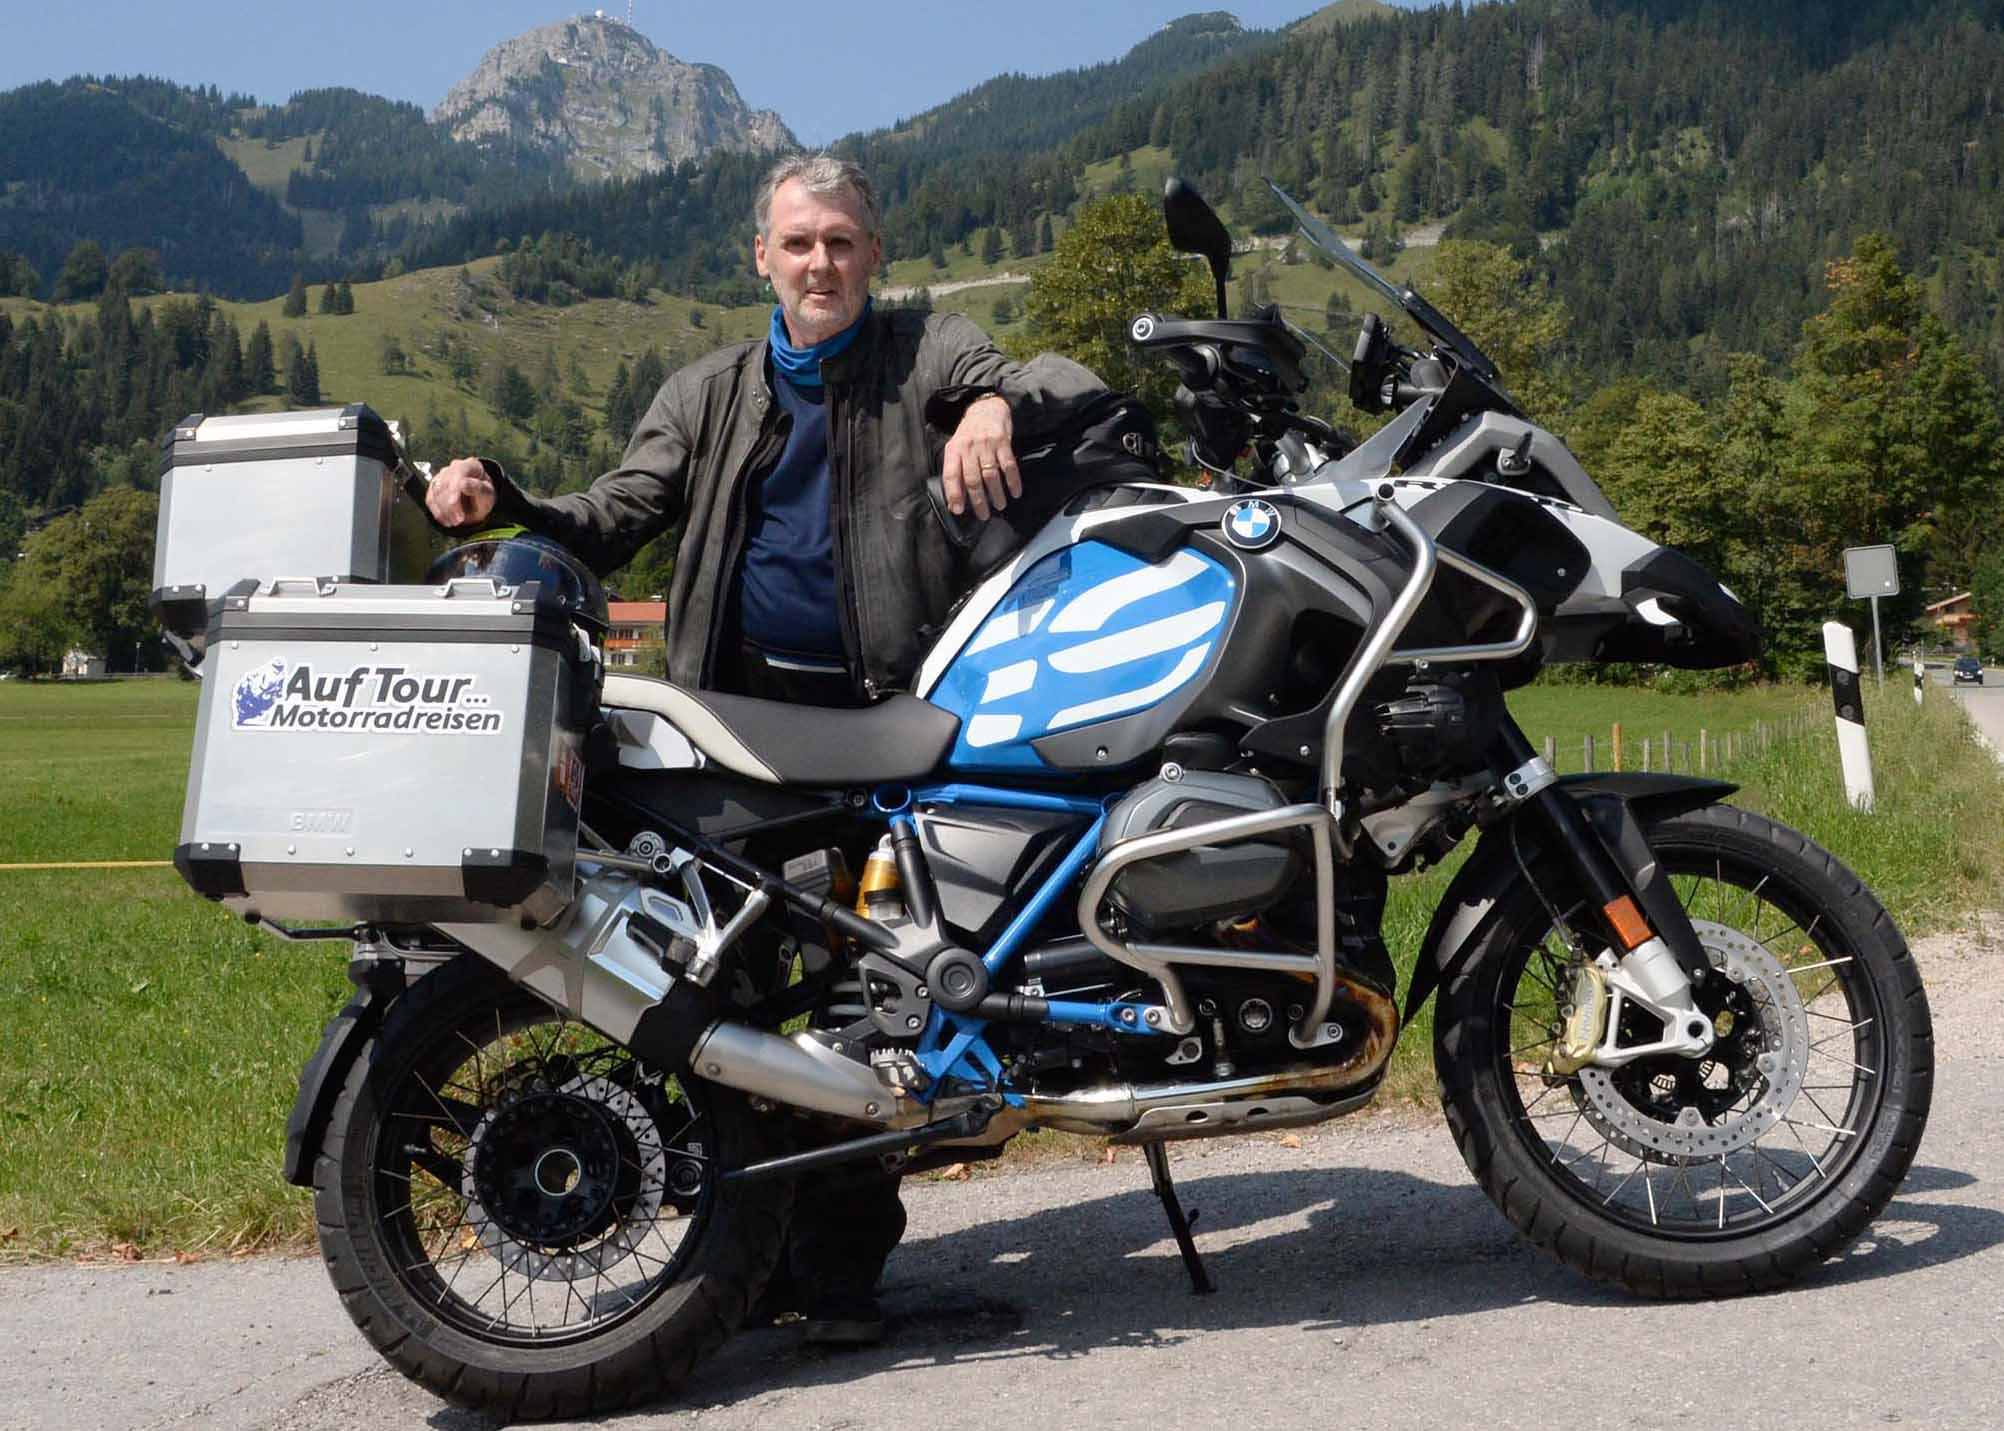 """Auf Tour... Motorradreisen - """"unterwegs mit Achim"""" Alpentour durch vier Länder - Bayerische, Österreichische, Italienische und Schweizer Alpenwelt 2018 NUR ZUR PRIVATEN VERWENDUNG"""